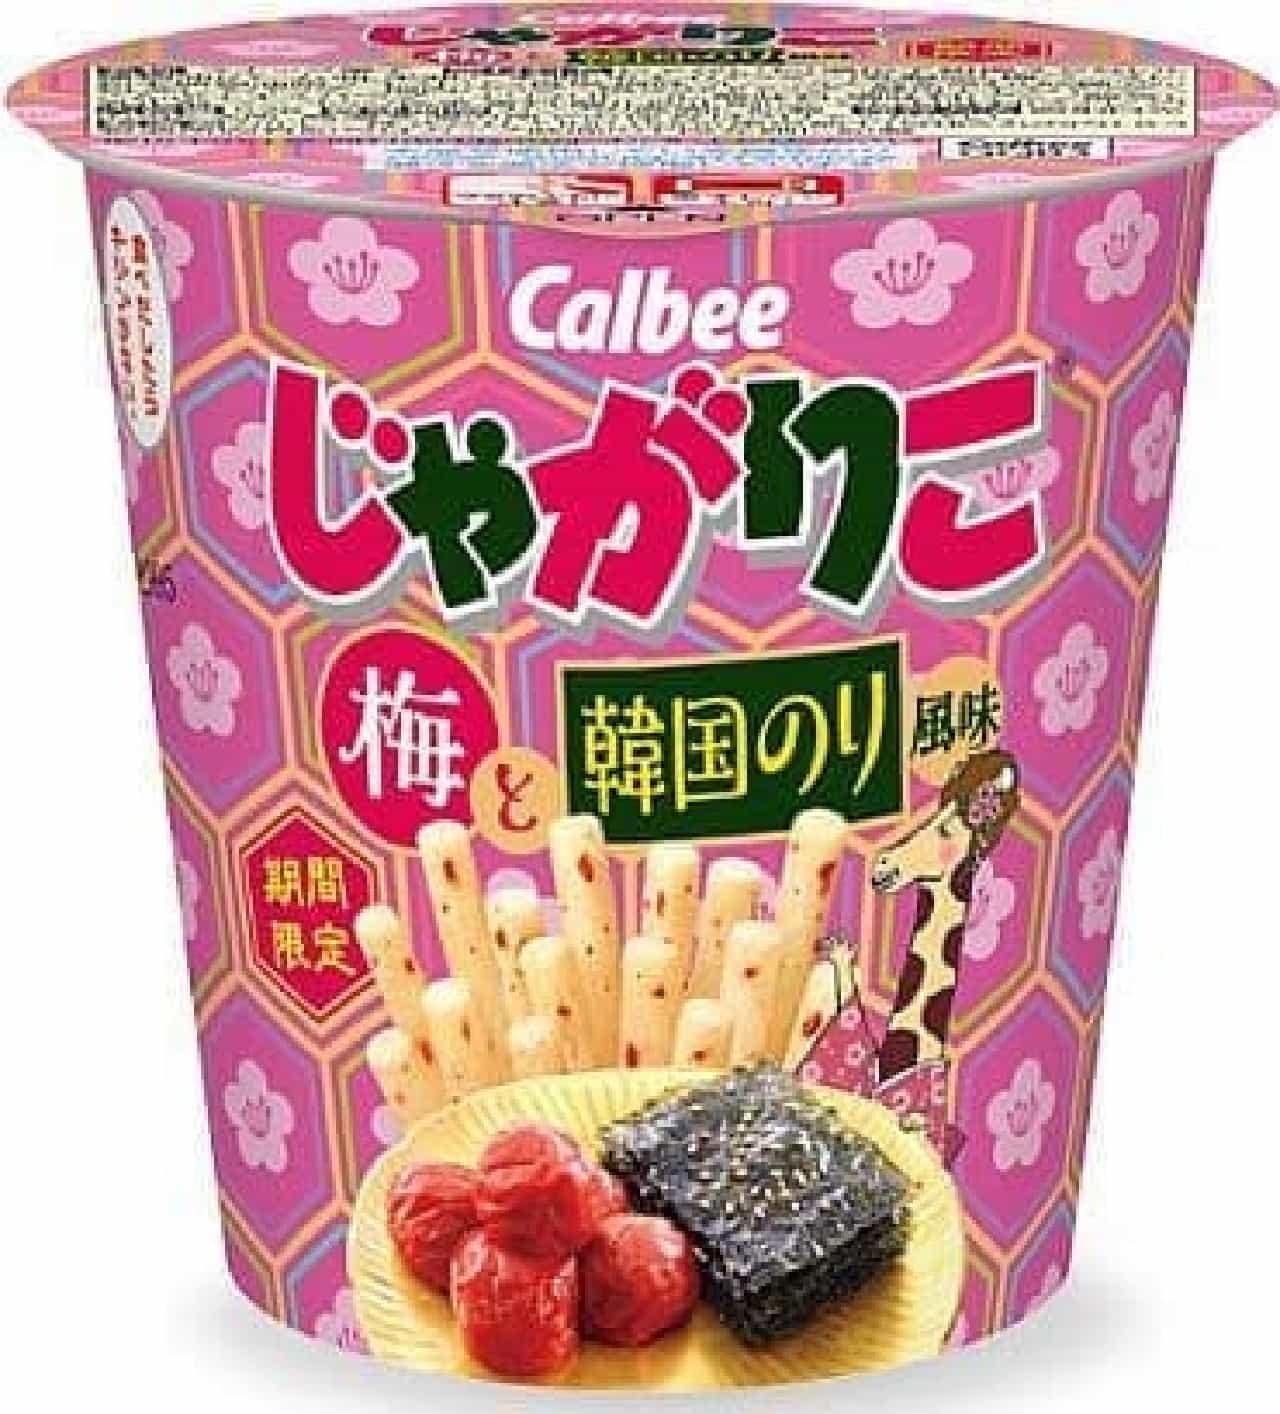 カルビー「じゃがりこ 梅と韓国のり風味」